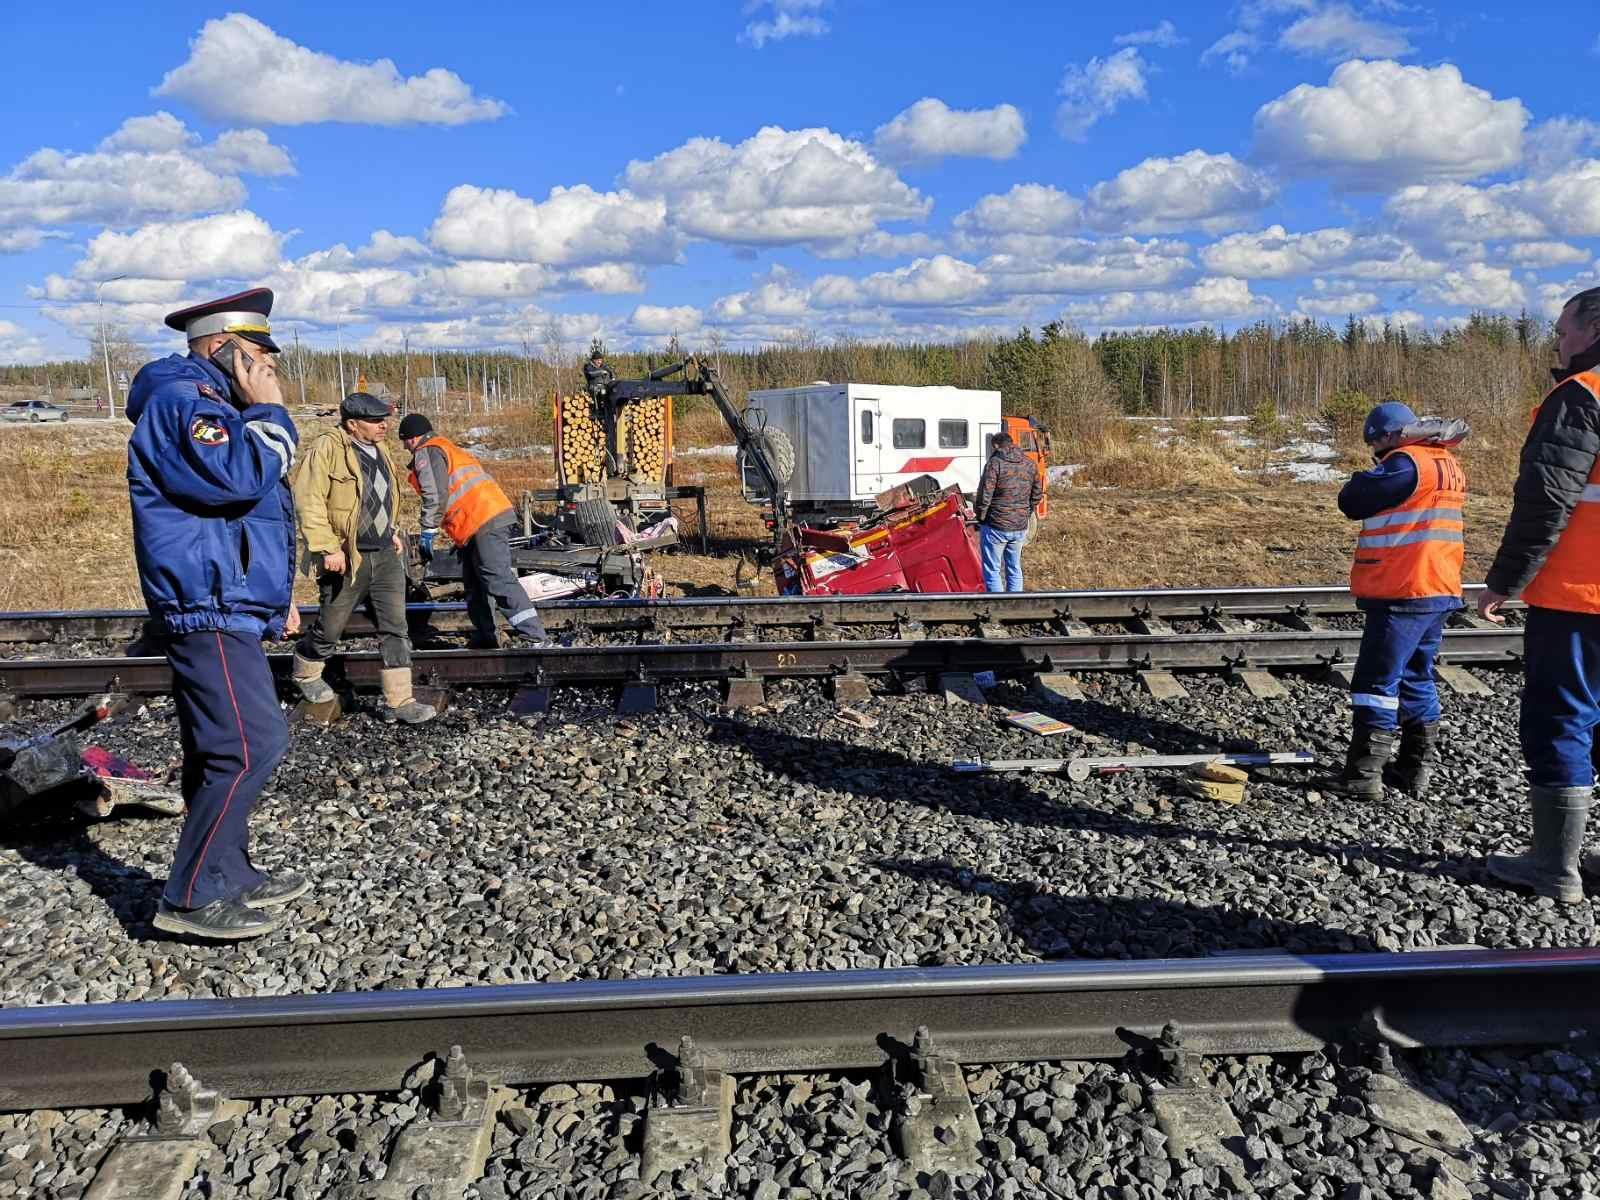 Пожарно-спасательные подразделения приняли участие в ликвидации последствий ДТП в Плесецком районе Архангельской области.